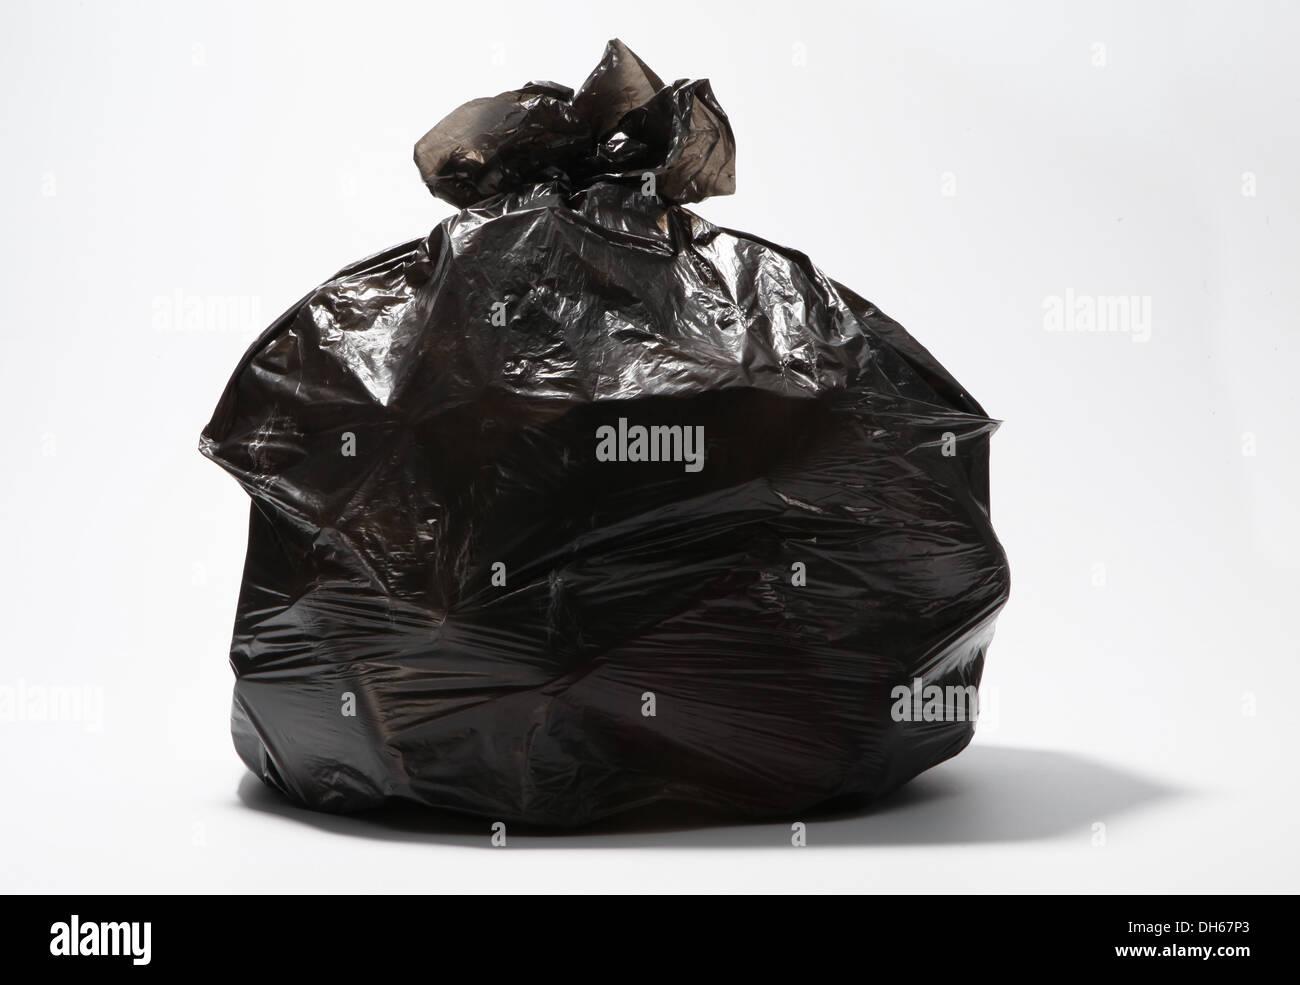 black garbage bag photos black garbage bag images alamy. Black Bedroom Furniture Sets. Home Design Ideas